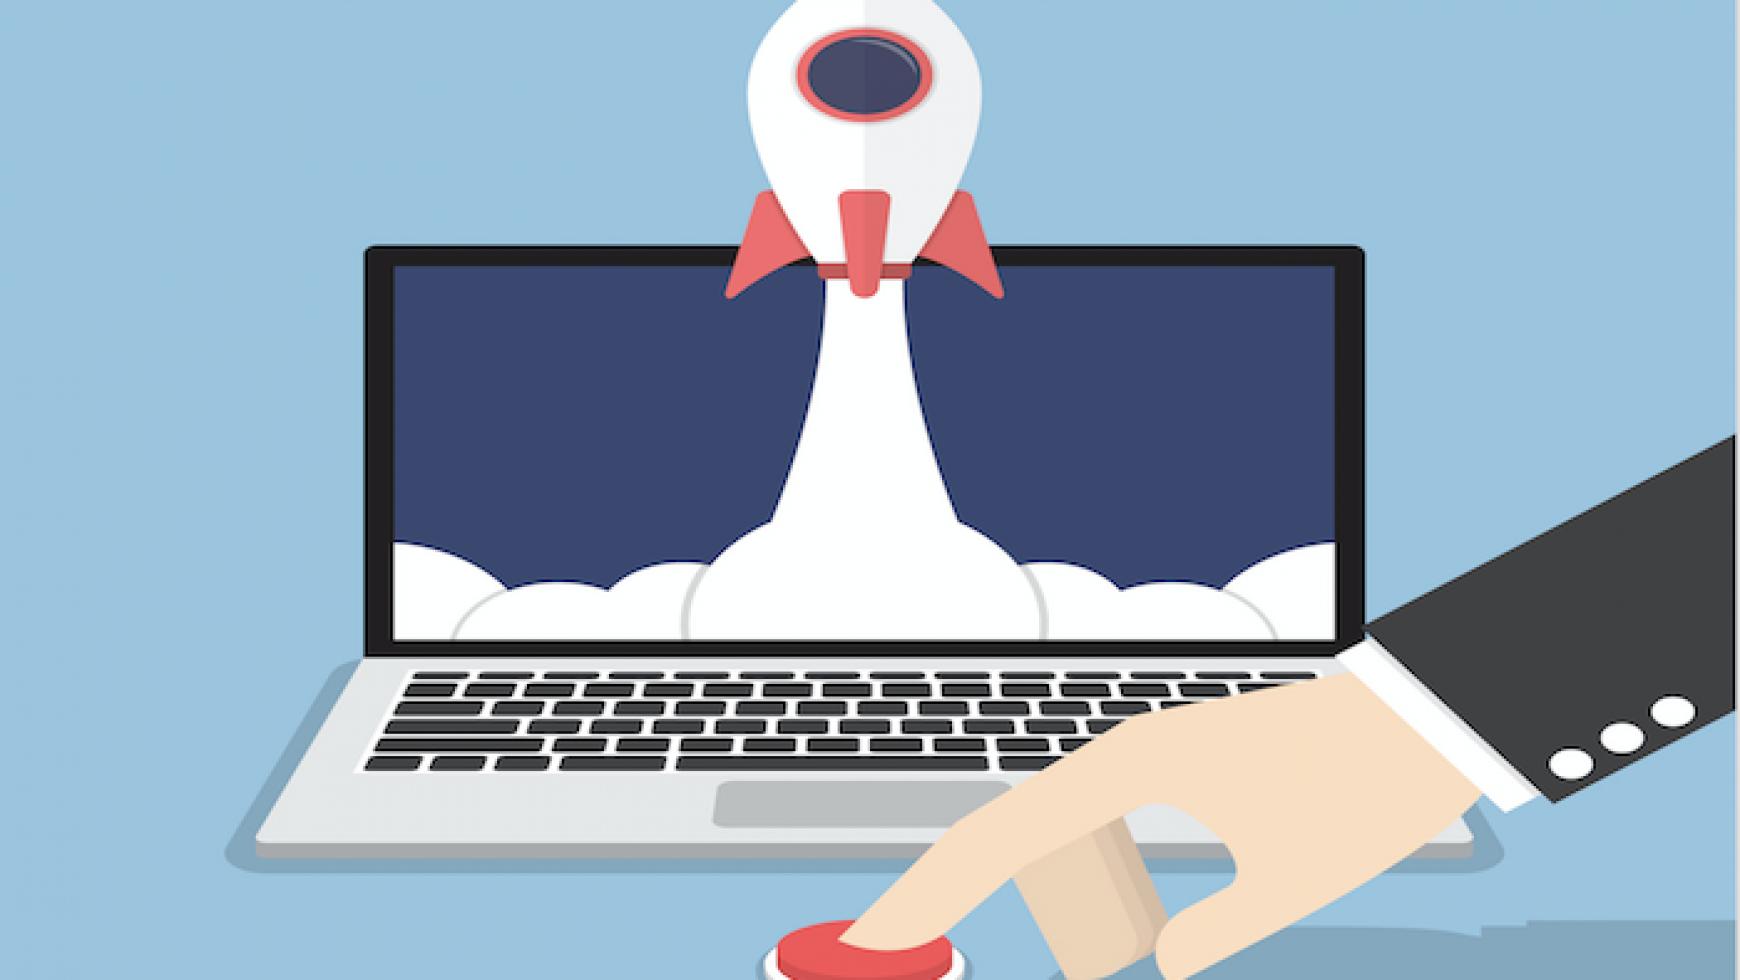 Consejos para tener una web fácil de navegar